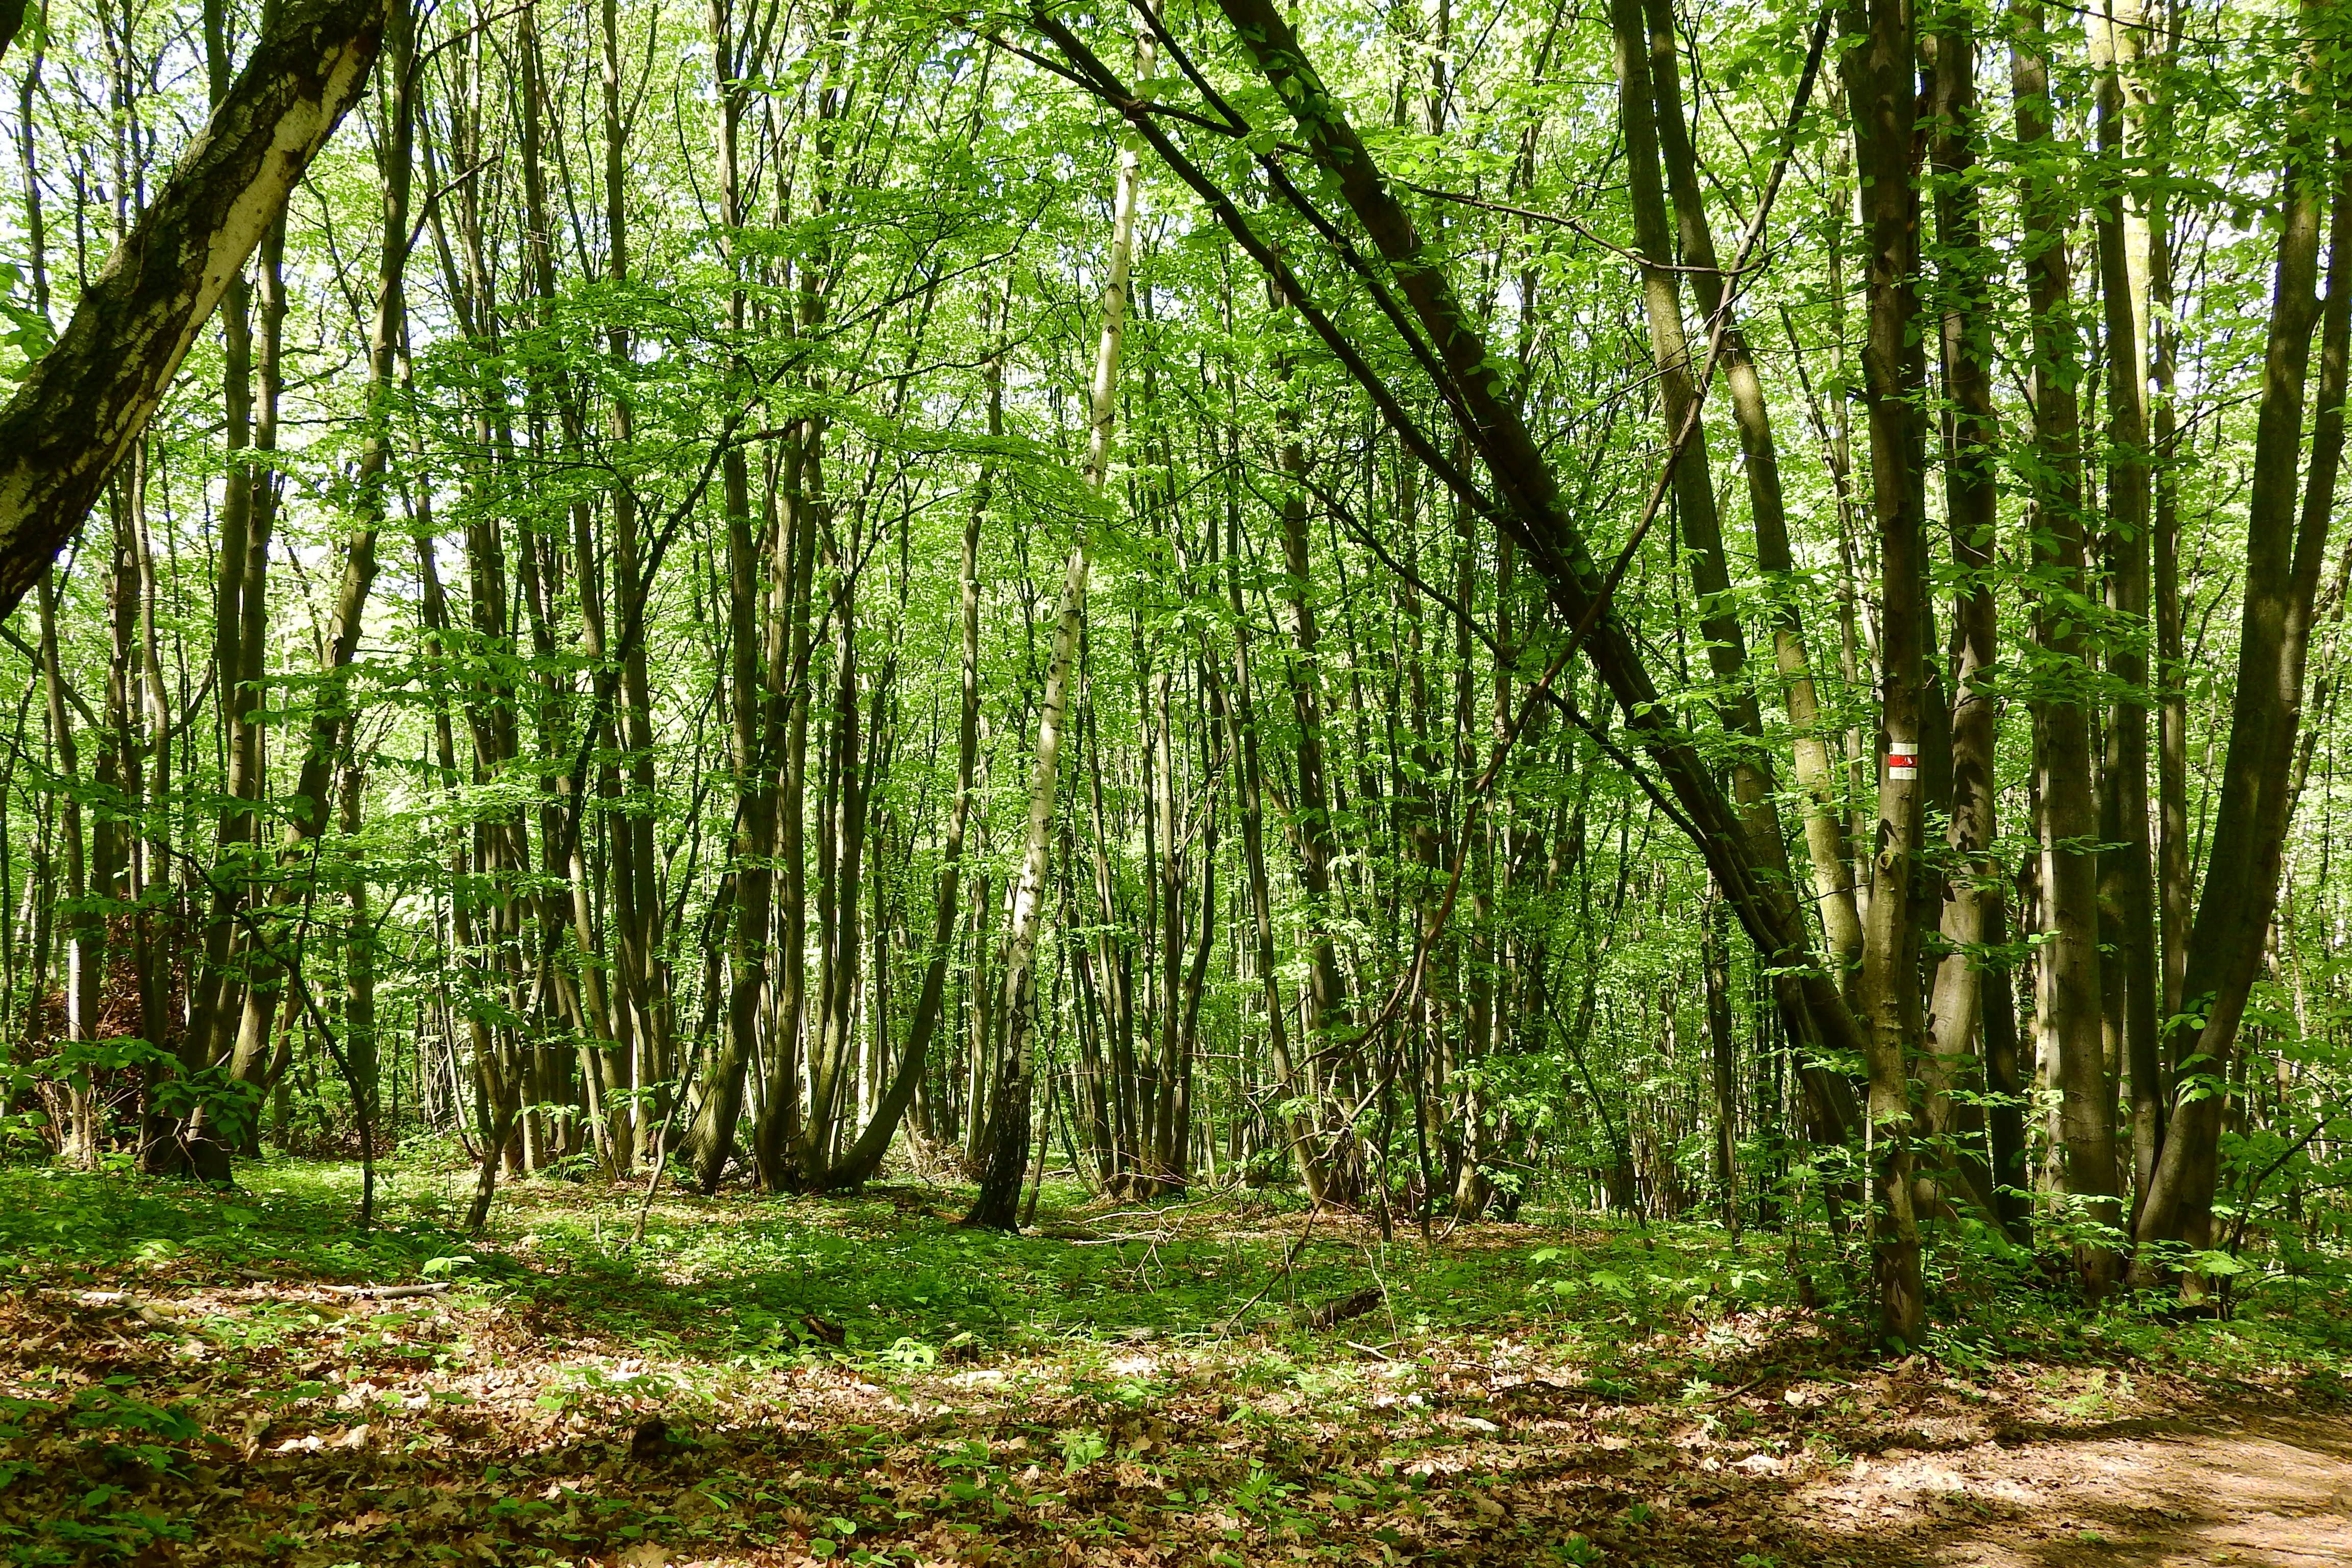 Très Images Gratuites : arbre, herbe, tronc, jungle, végétation, forêt  ZA77